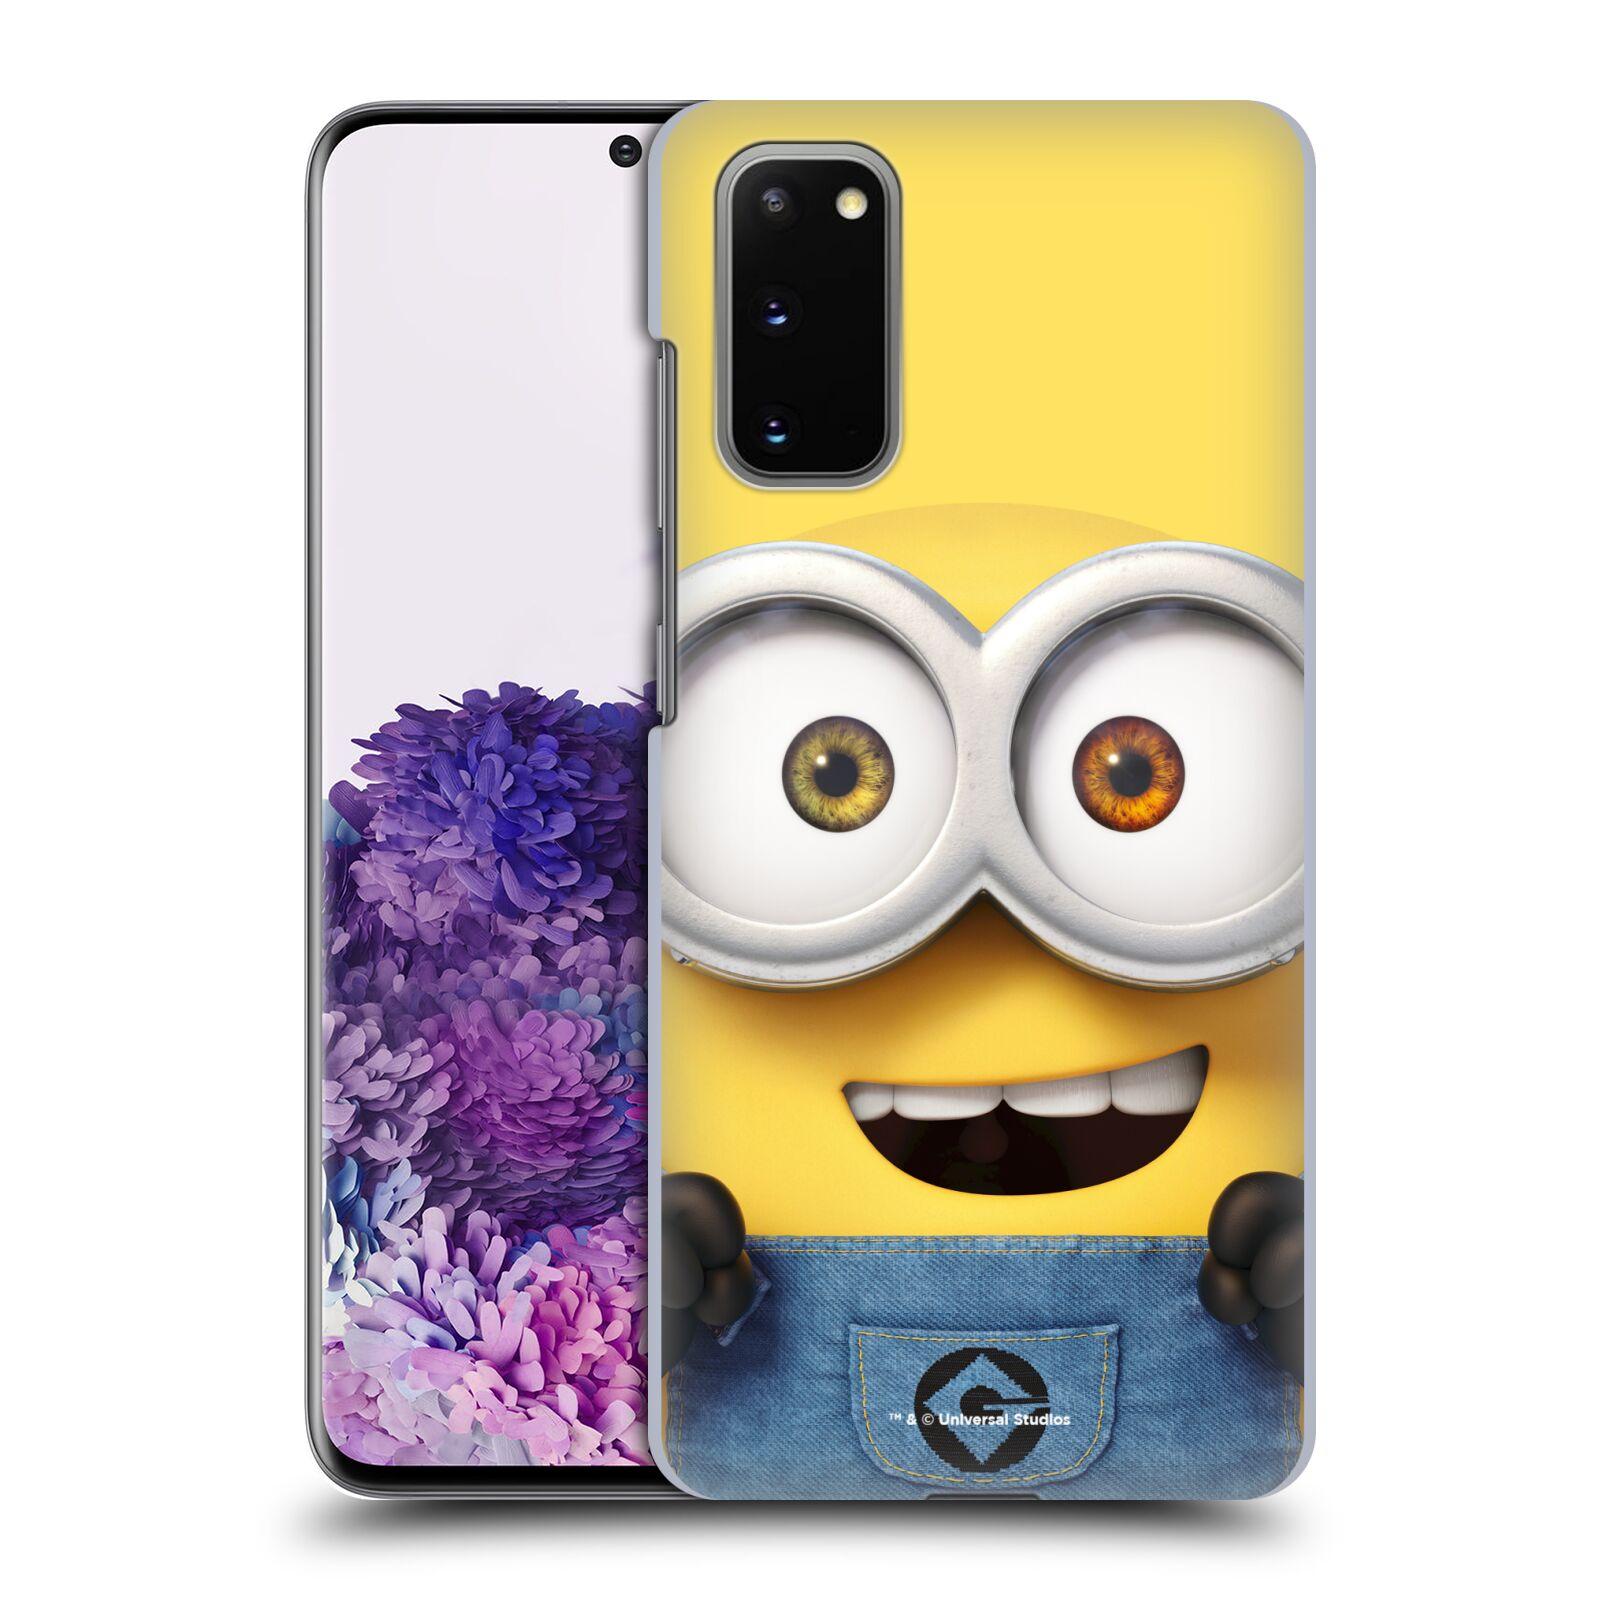 Plastové pouzdro na mobil Samsung Galaxy S20 - Head Case - Mimoň Bob z filmu Já, padouch - Despicable Me